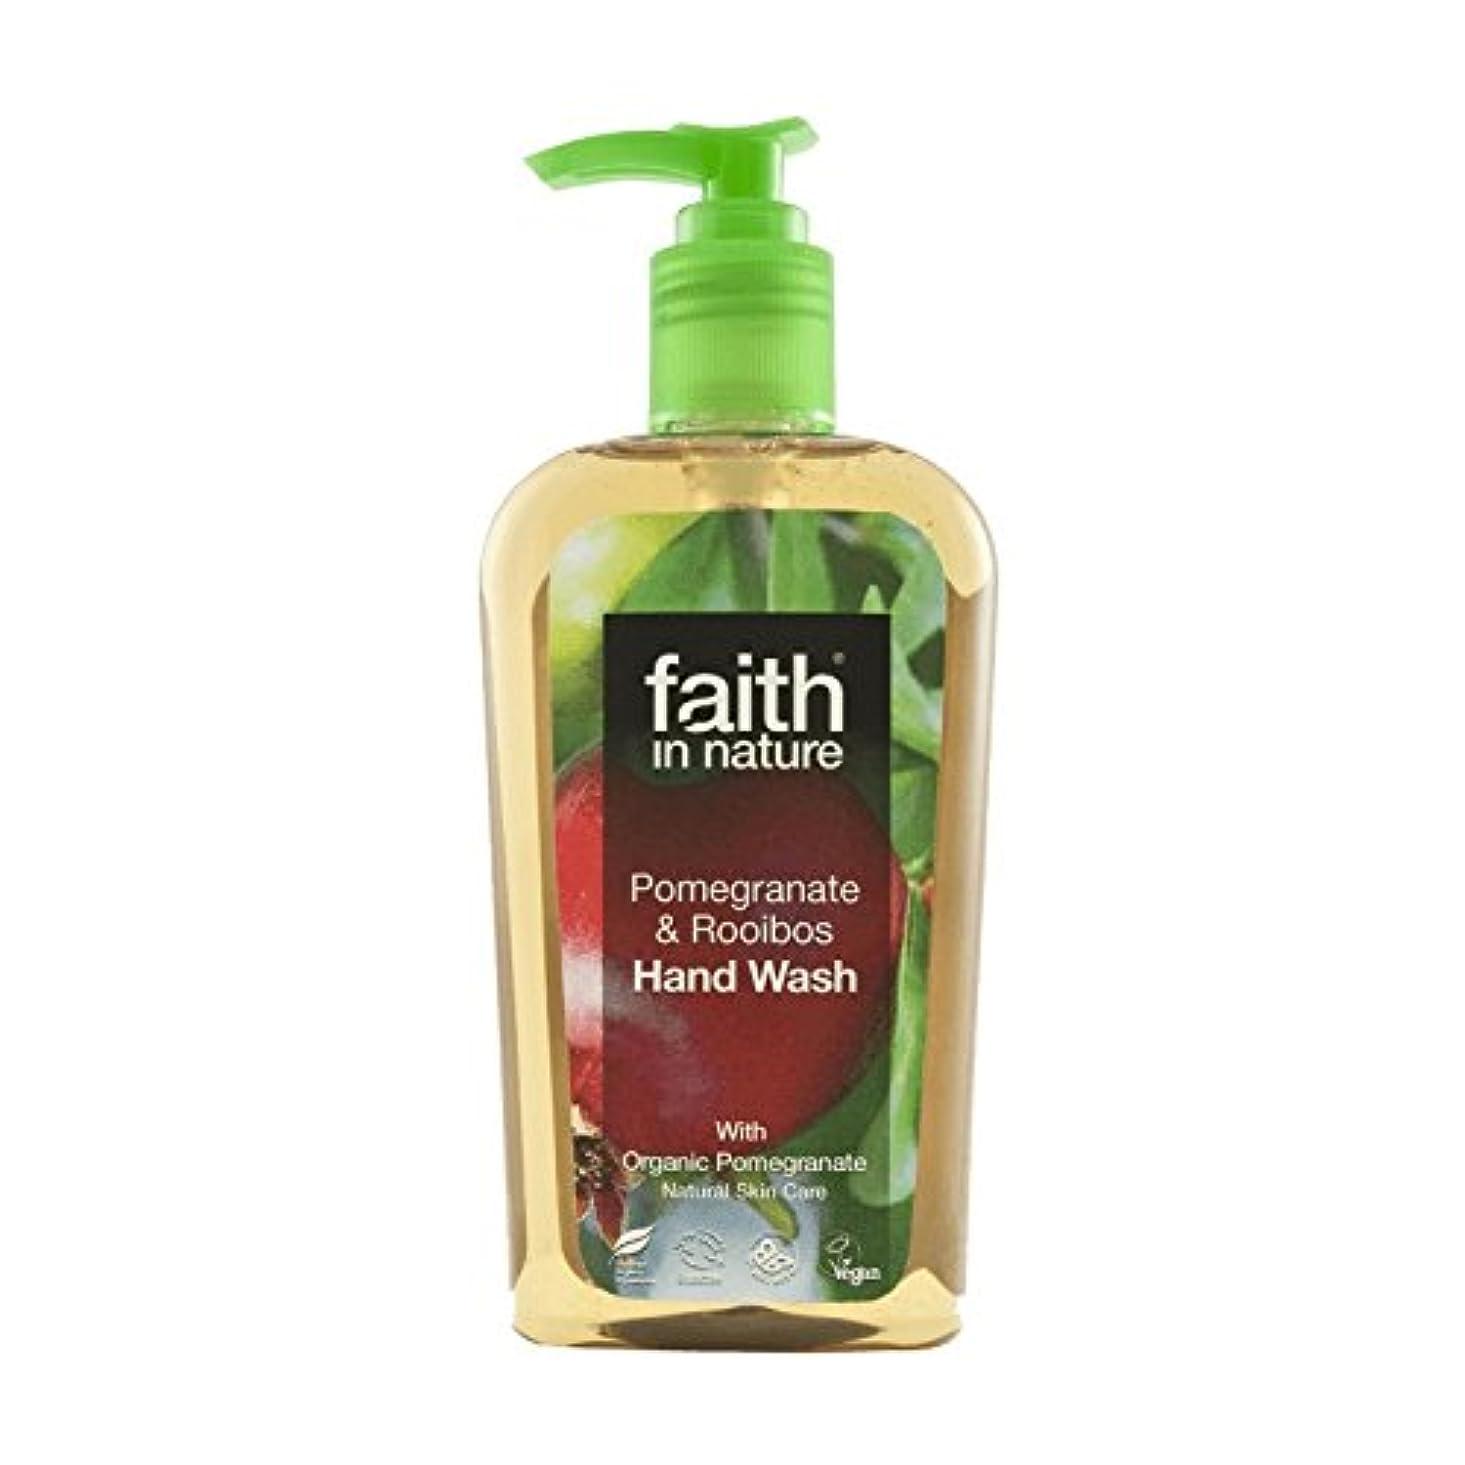 下に向けます主張するストロー自然ザクロ&ルイボス手洗いの300ミリリットルの信仰 - Faith In Nature Pomegranate & Rooibos Handwash 300ml (Faith in Nature) [並行輸入品]